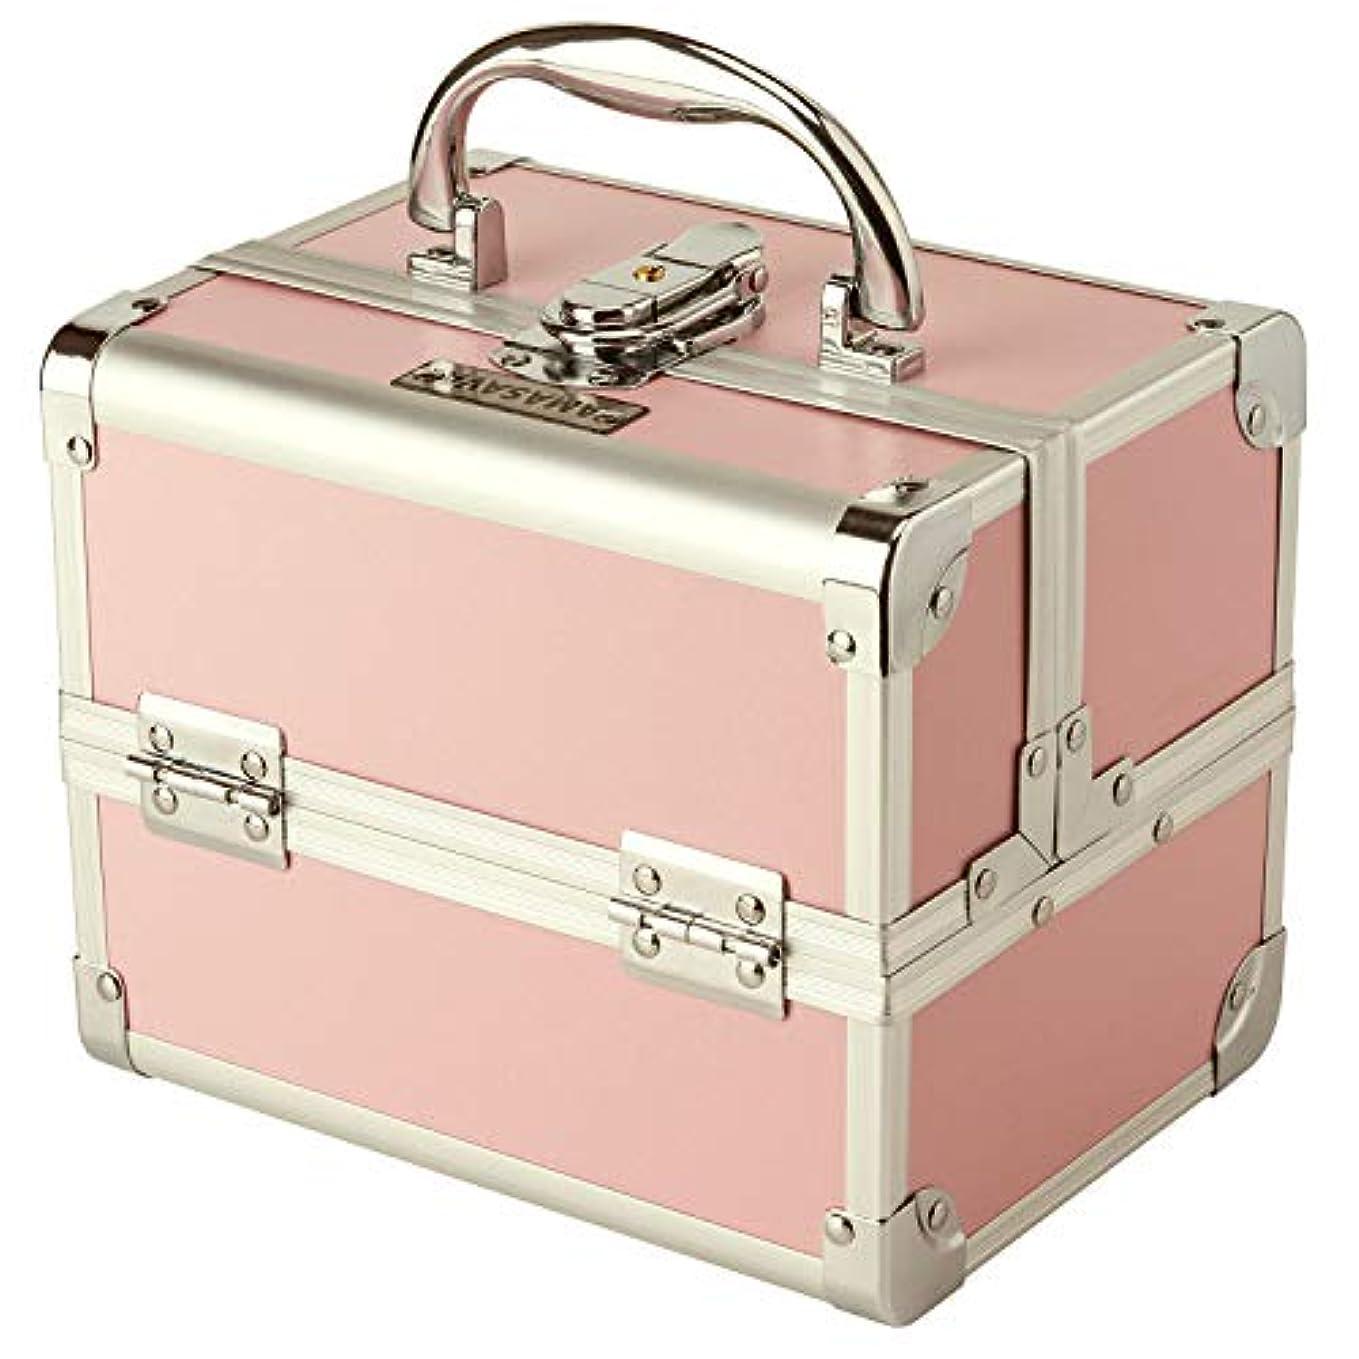 郡いたずら略語Amasava メイクボックス 鏡付き コスメボックス プロ用 収納ボックス 化粧品 ジュエリー ネイルカラー メイク道具入れ 鍵付き コンパクト ピンク